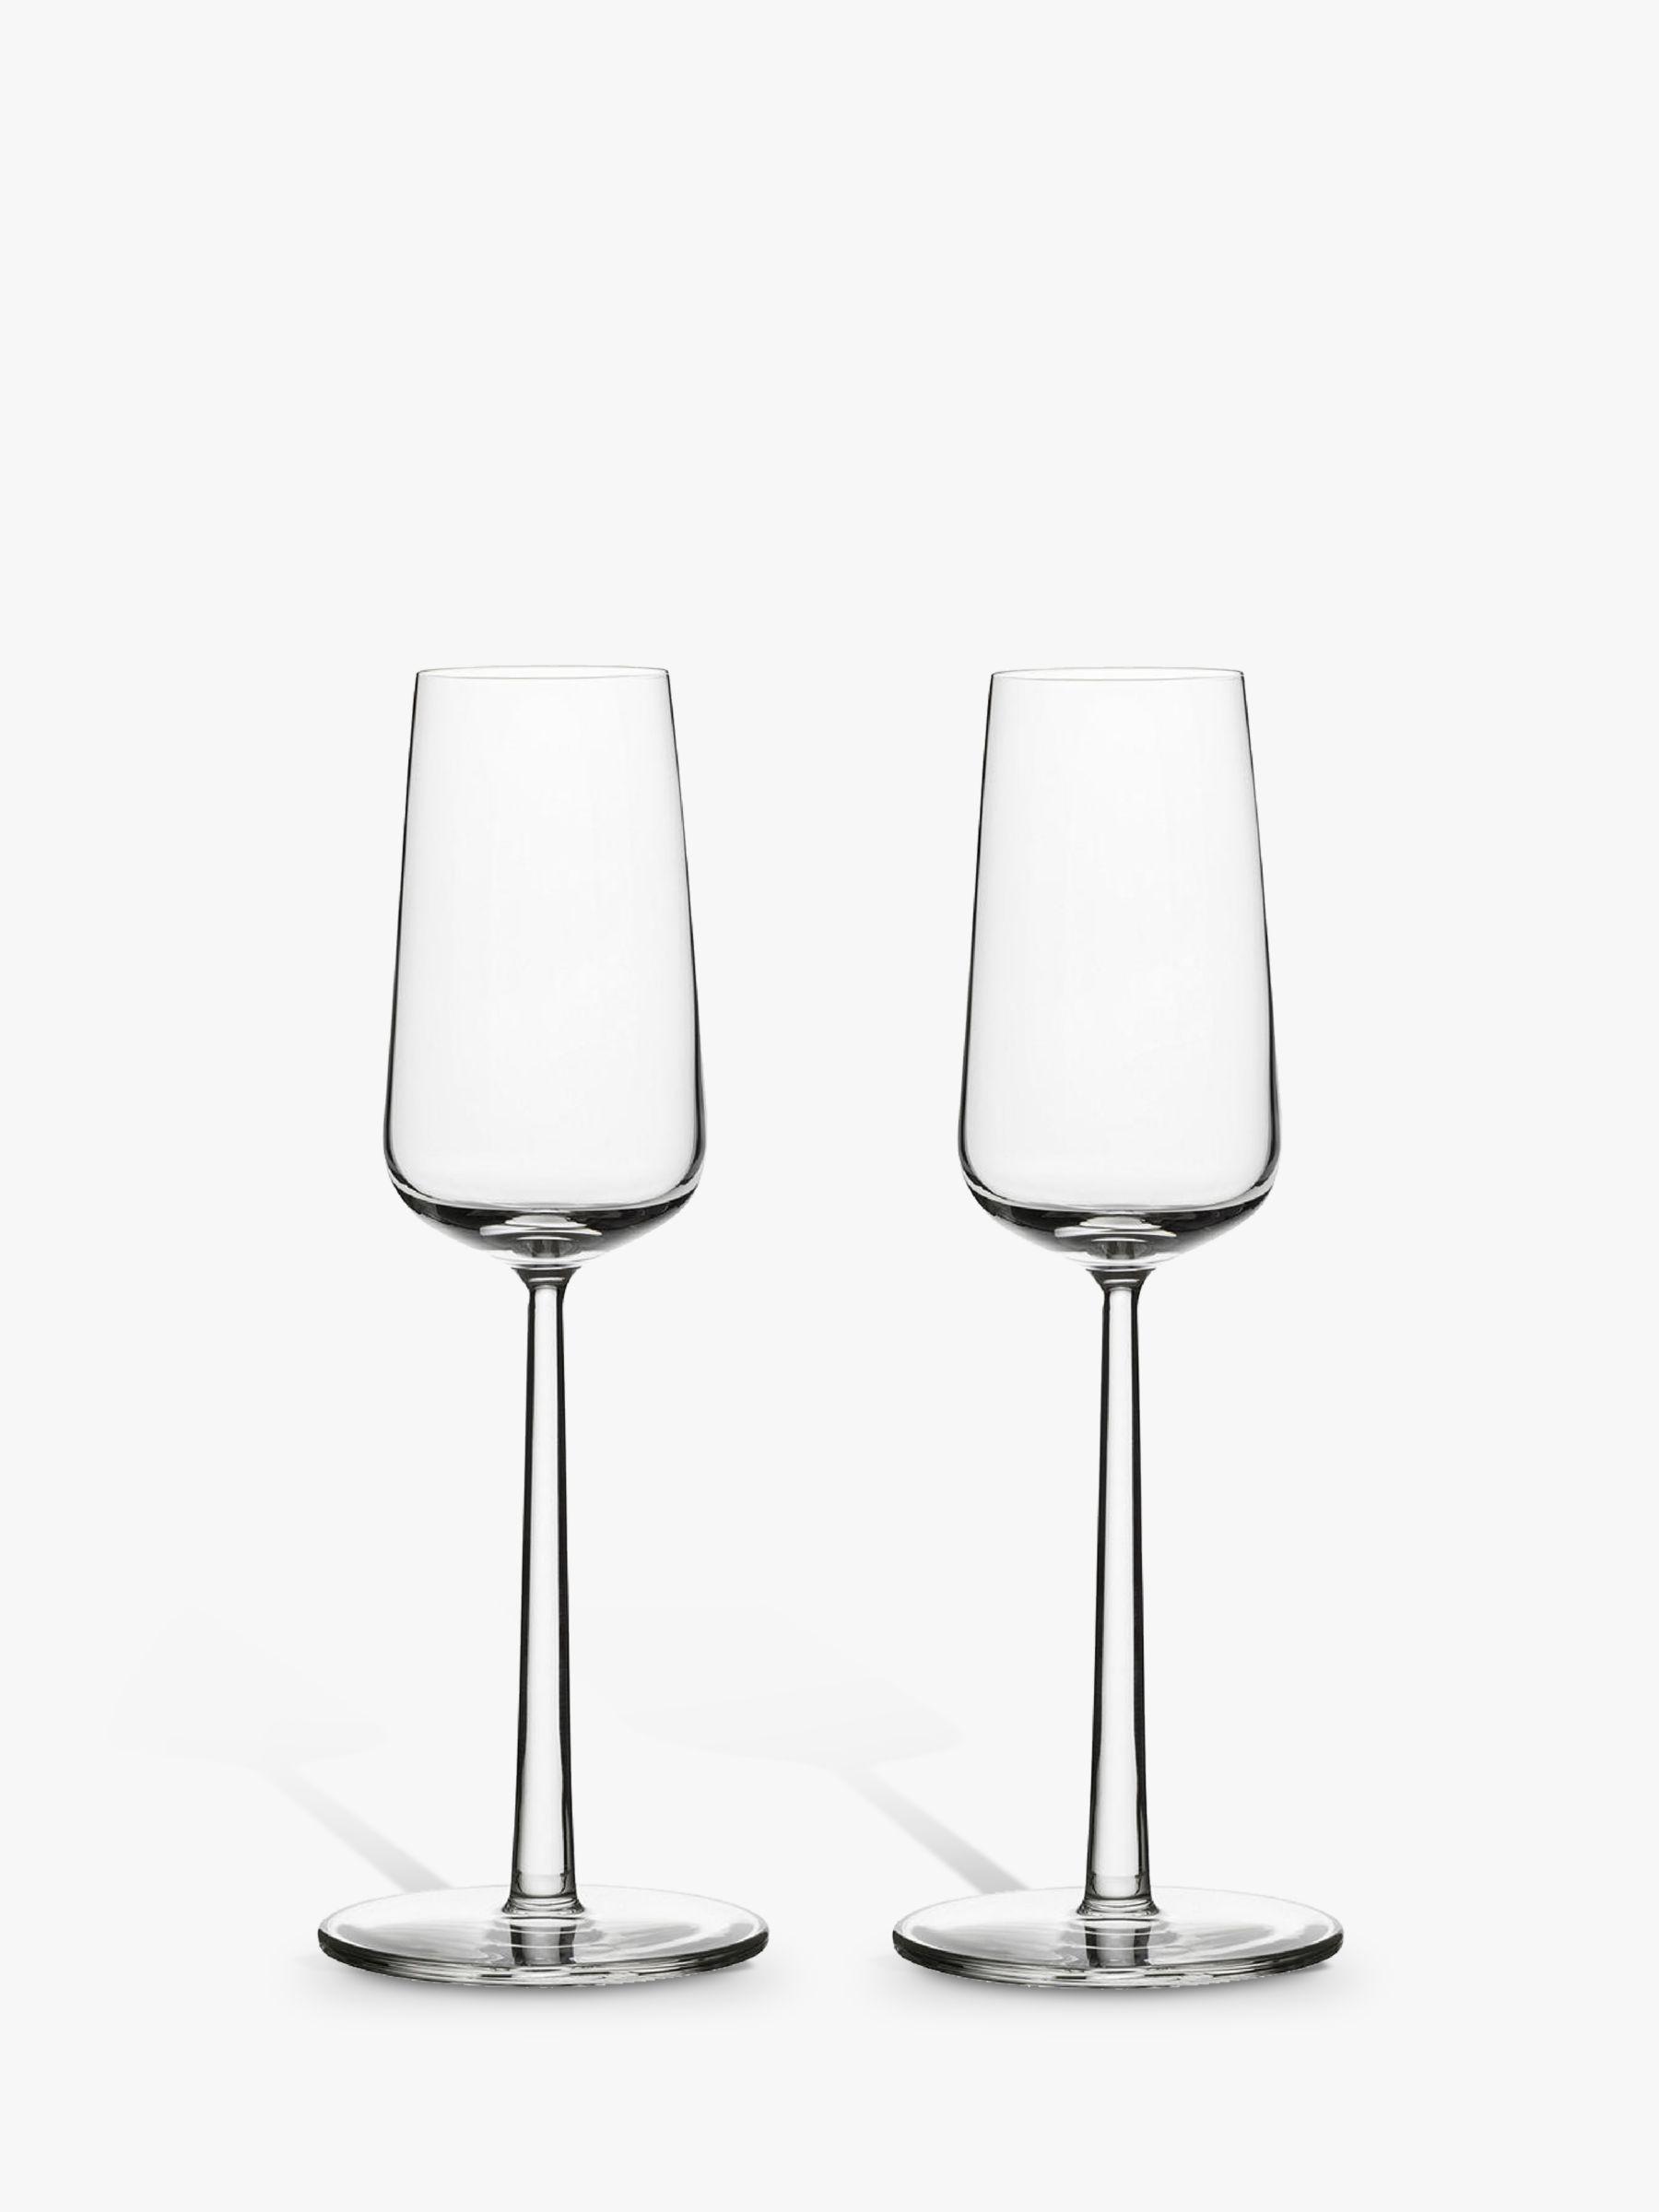 Iittala Iittala Essence Champagne Flutes, 0.21L, Set of 2